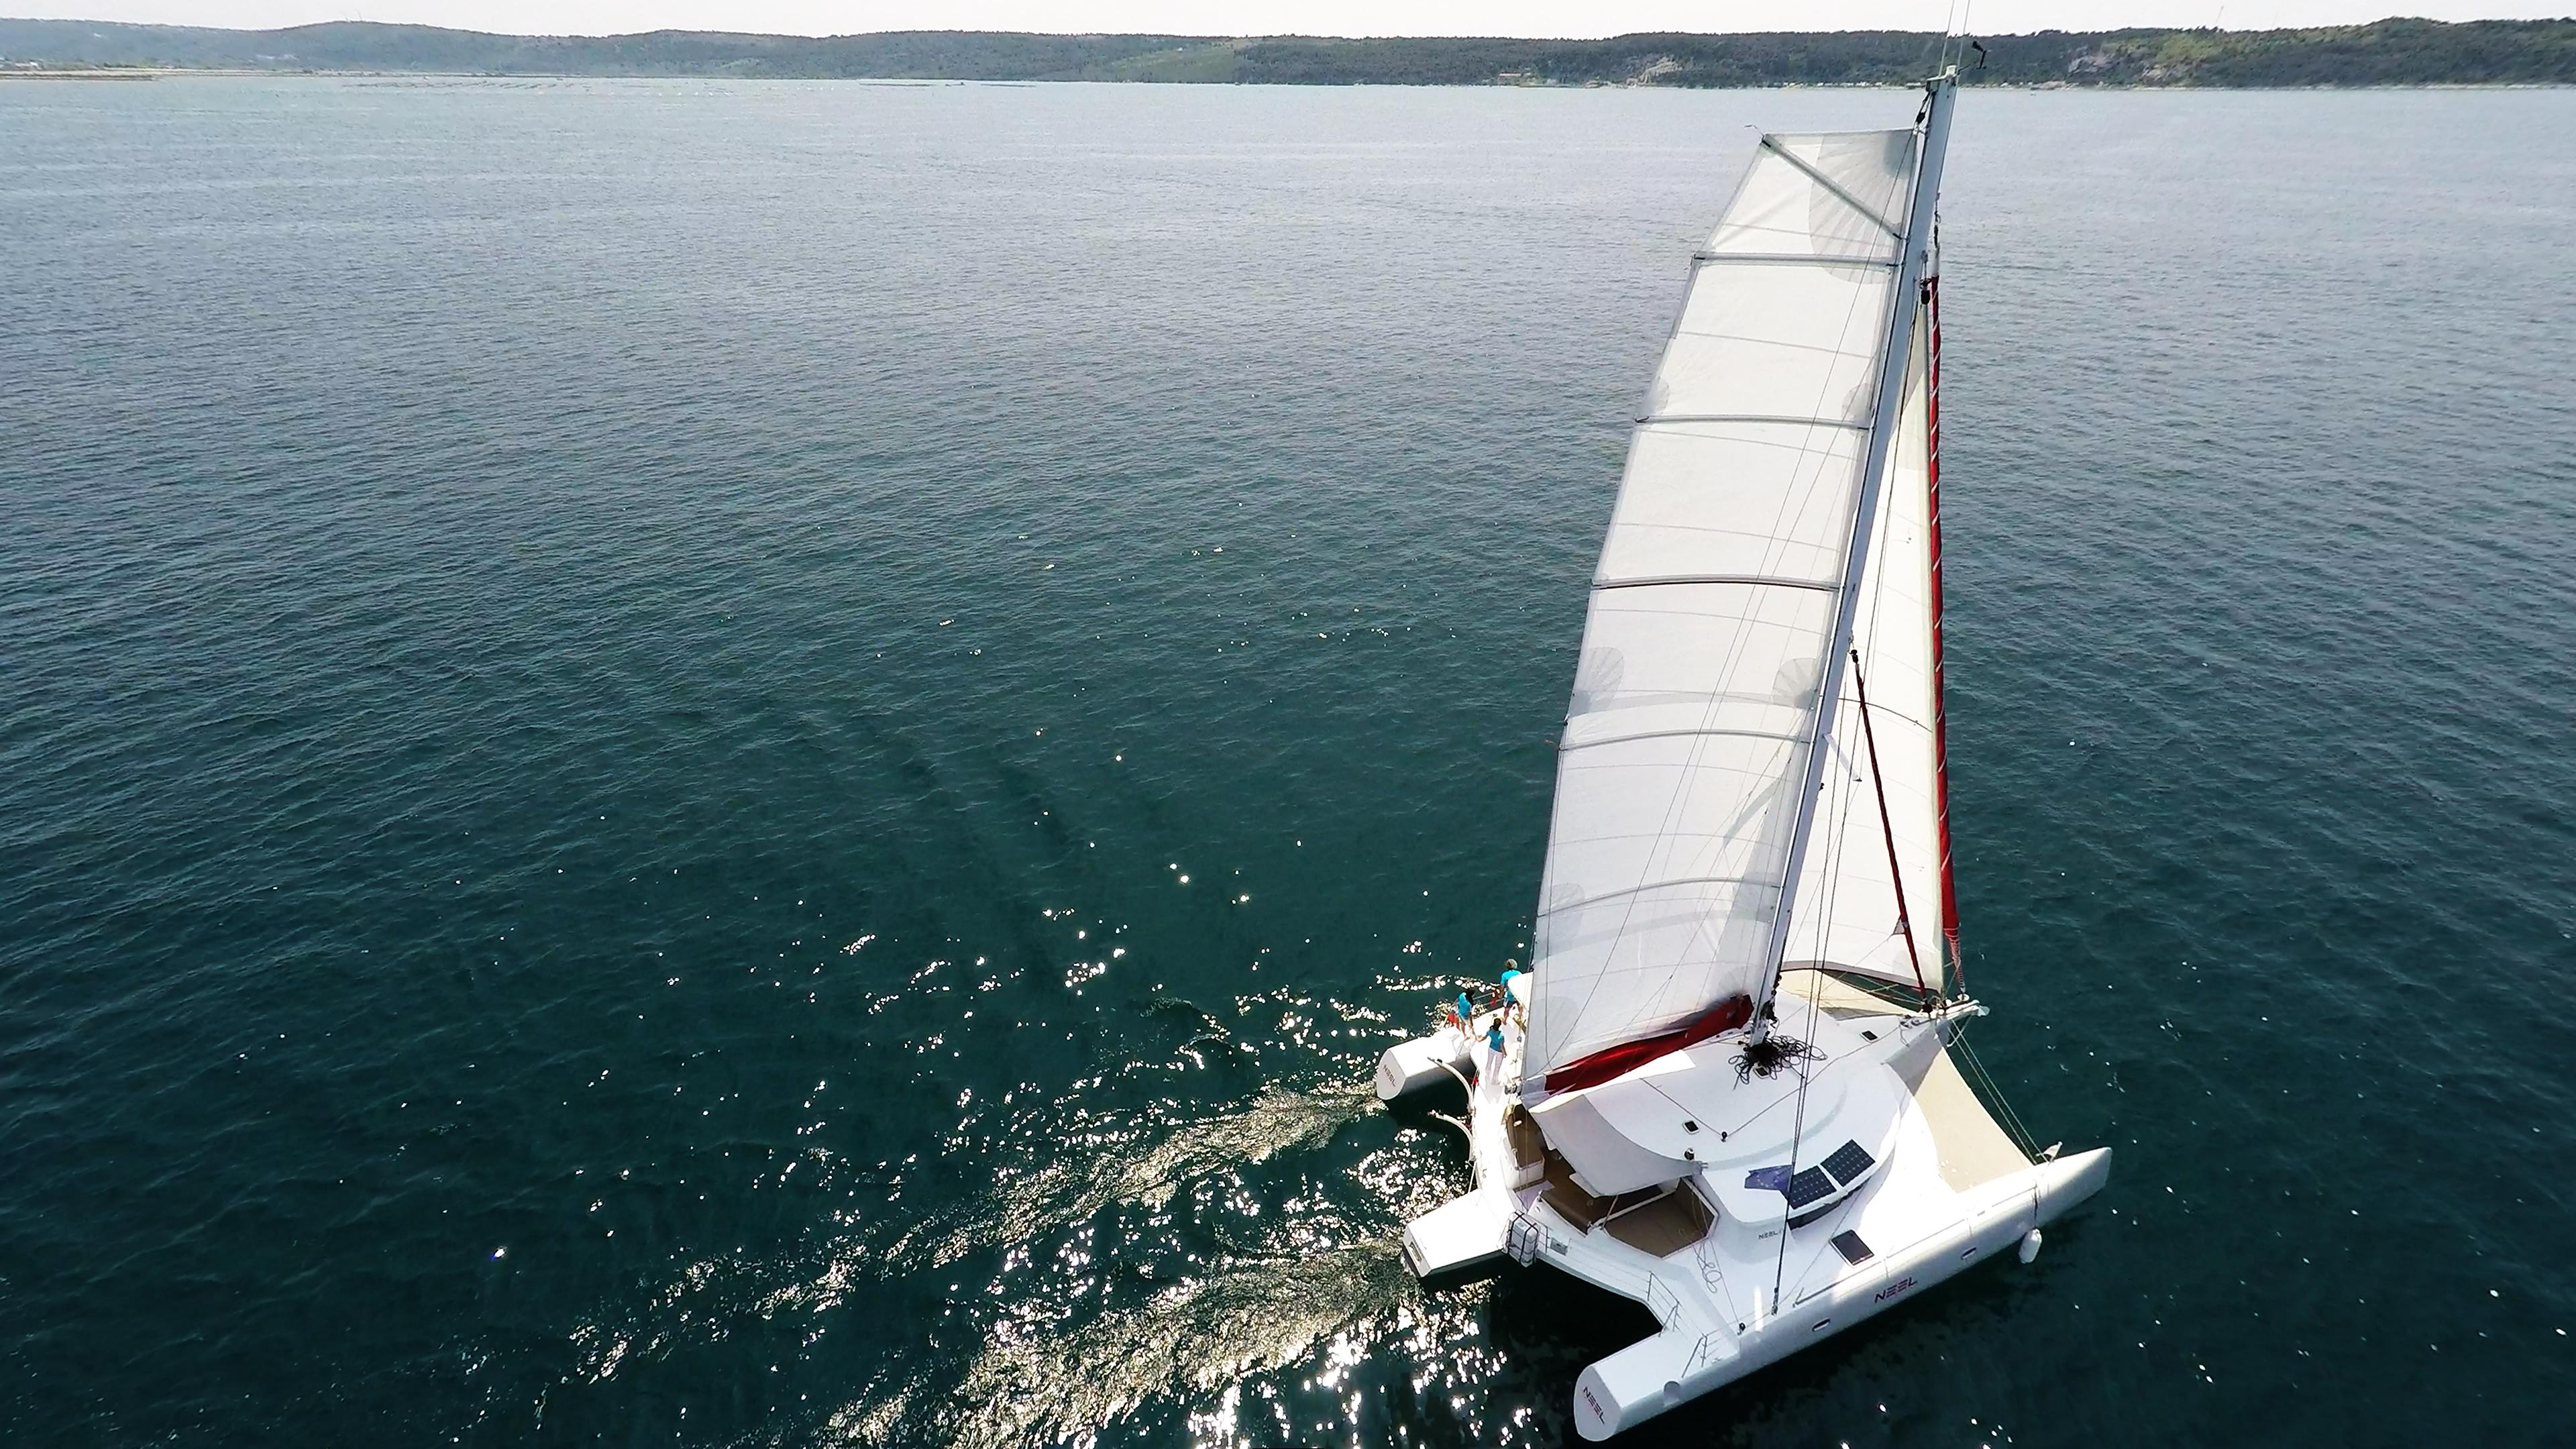 multiscafo yacht trimarano bianco randa al mare